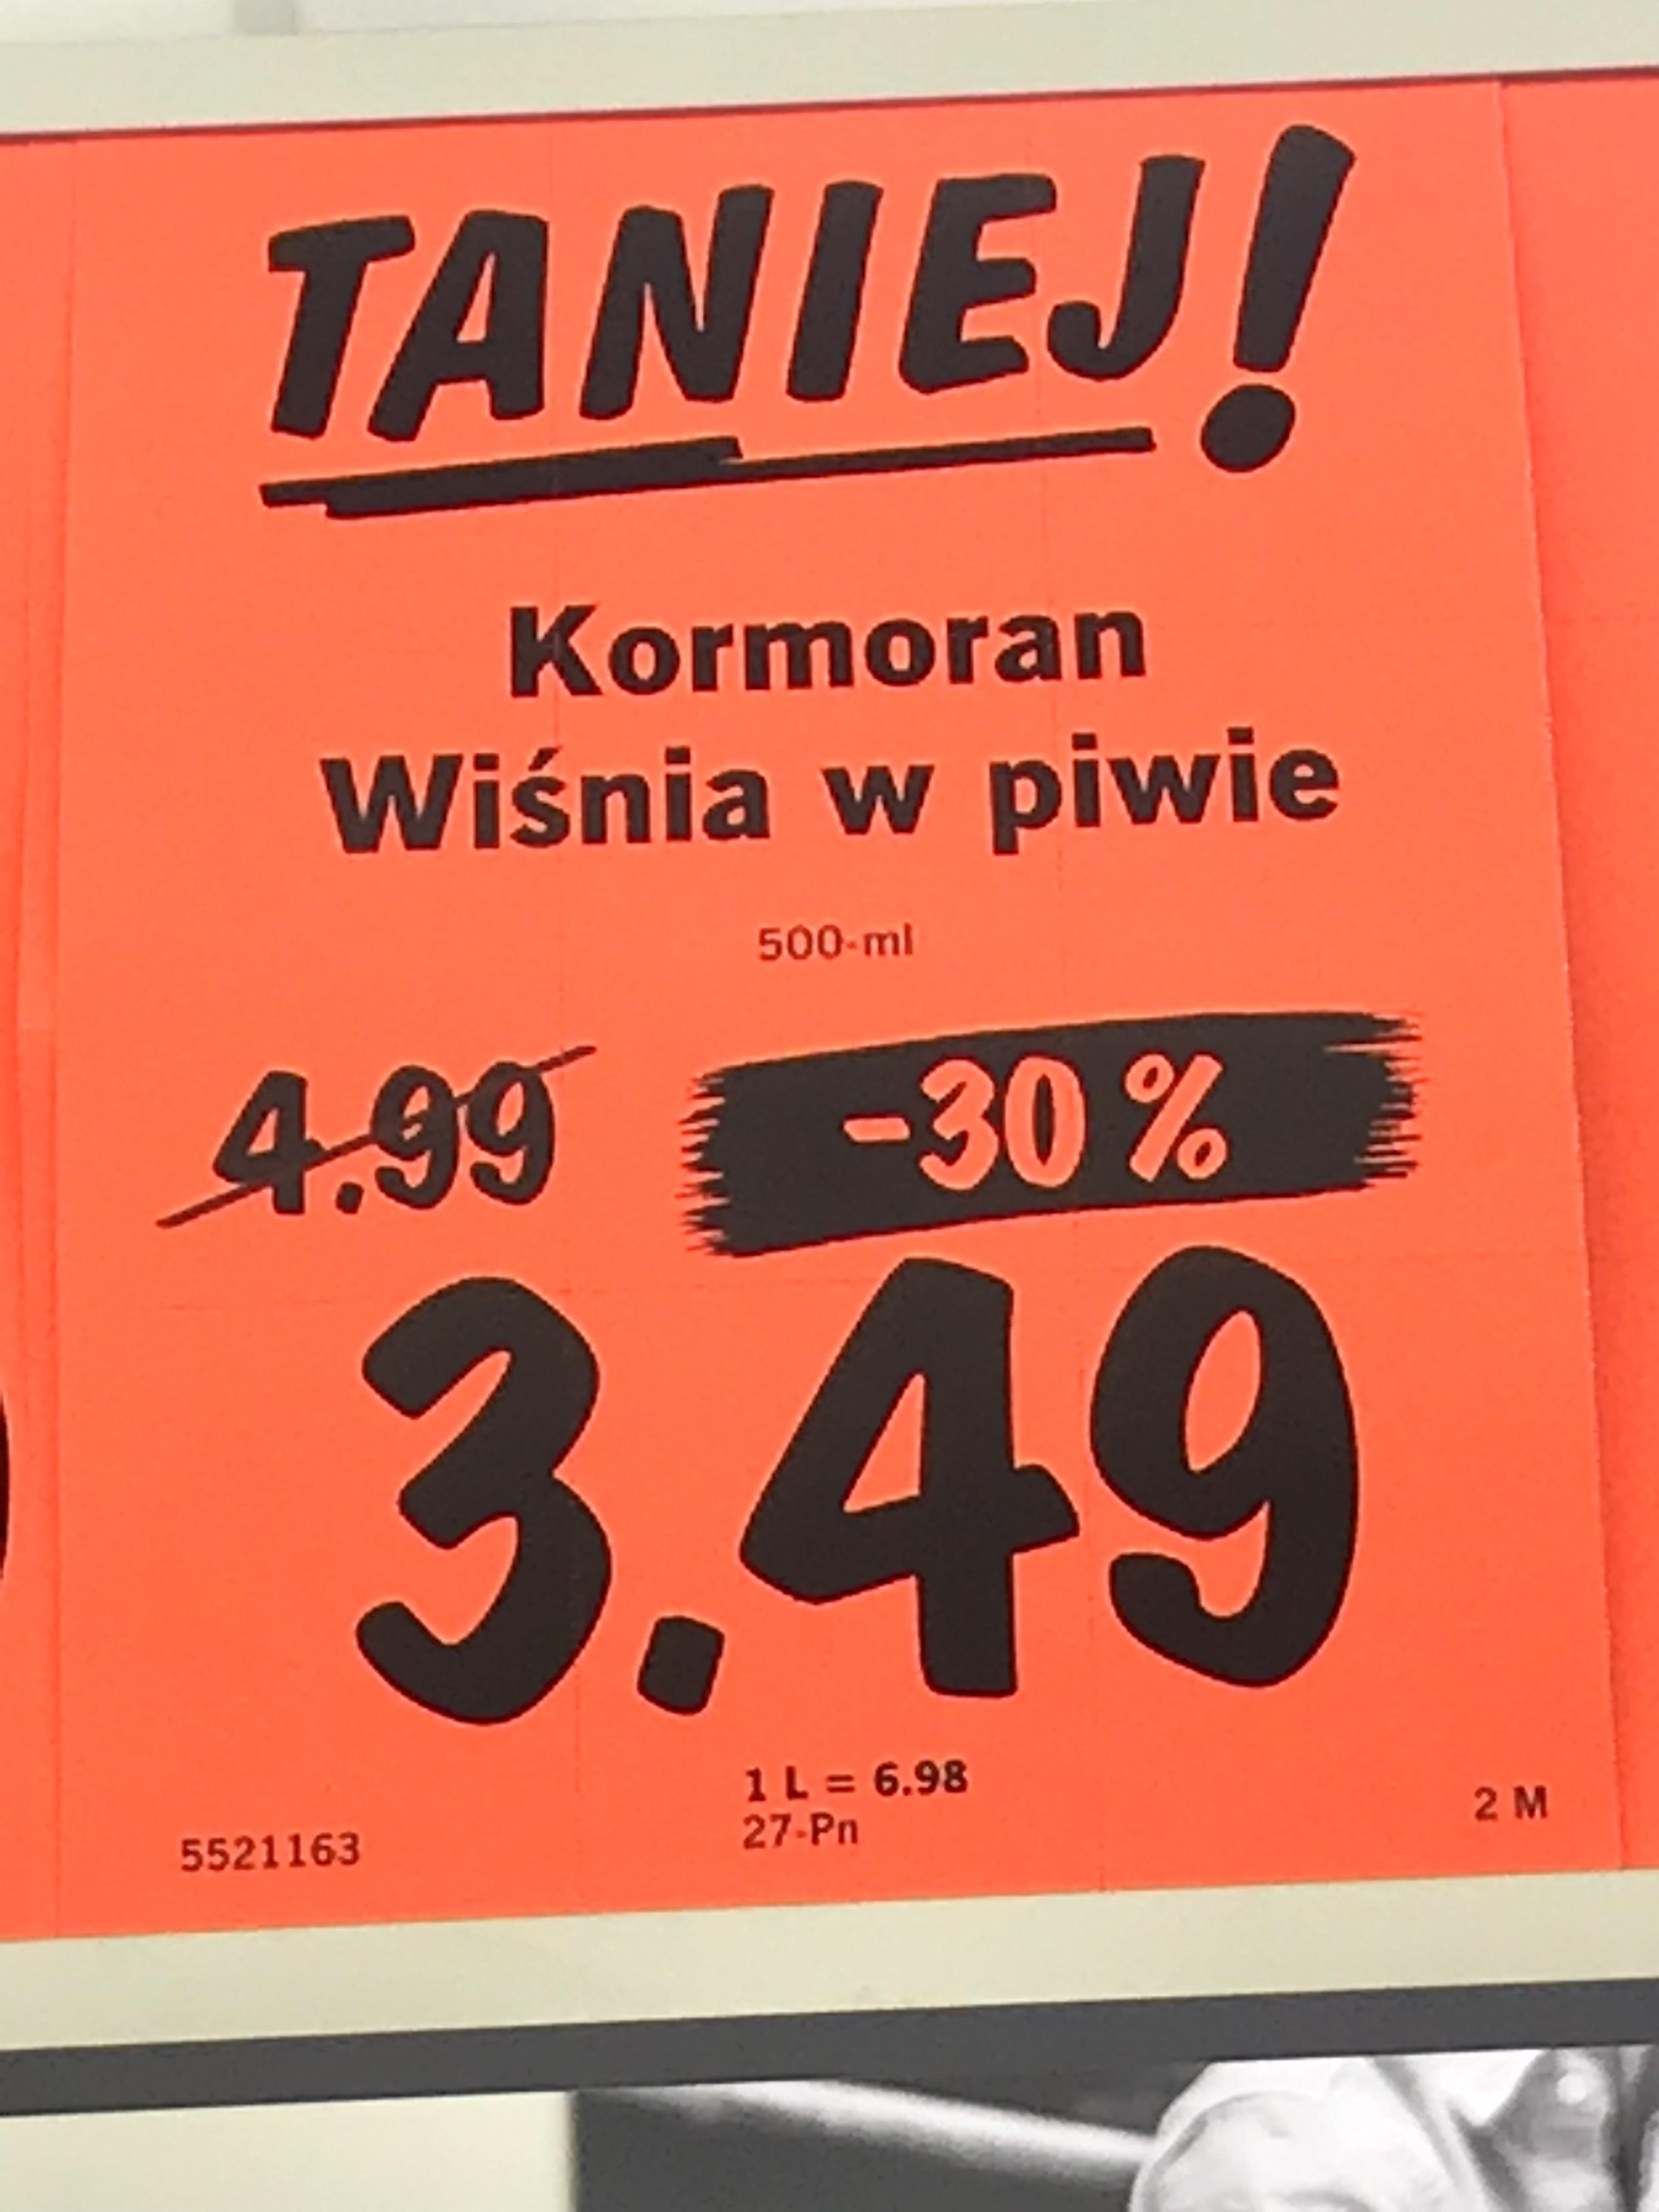 Piwo Kormoran Wiśnia w piwie Lidl Lublin Białkowska Góra